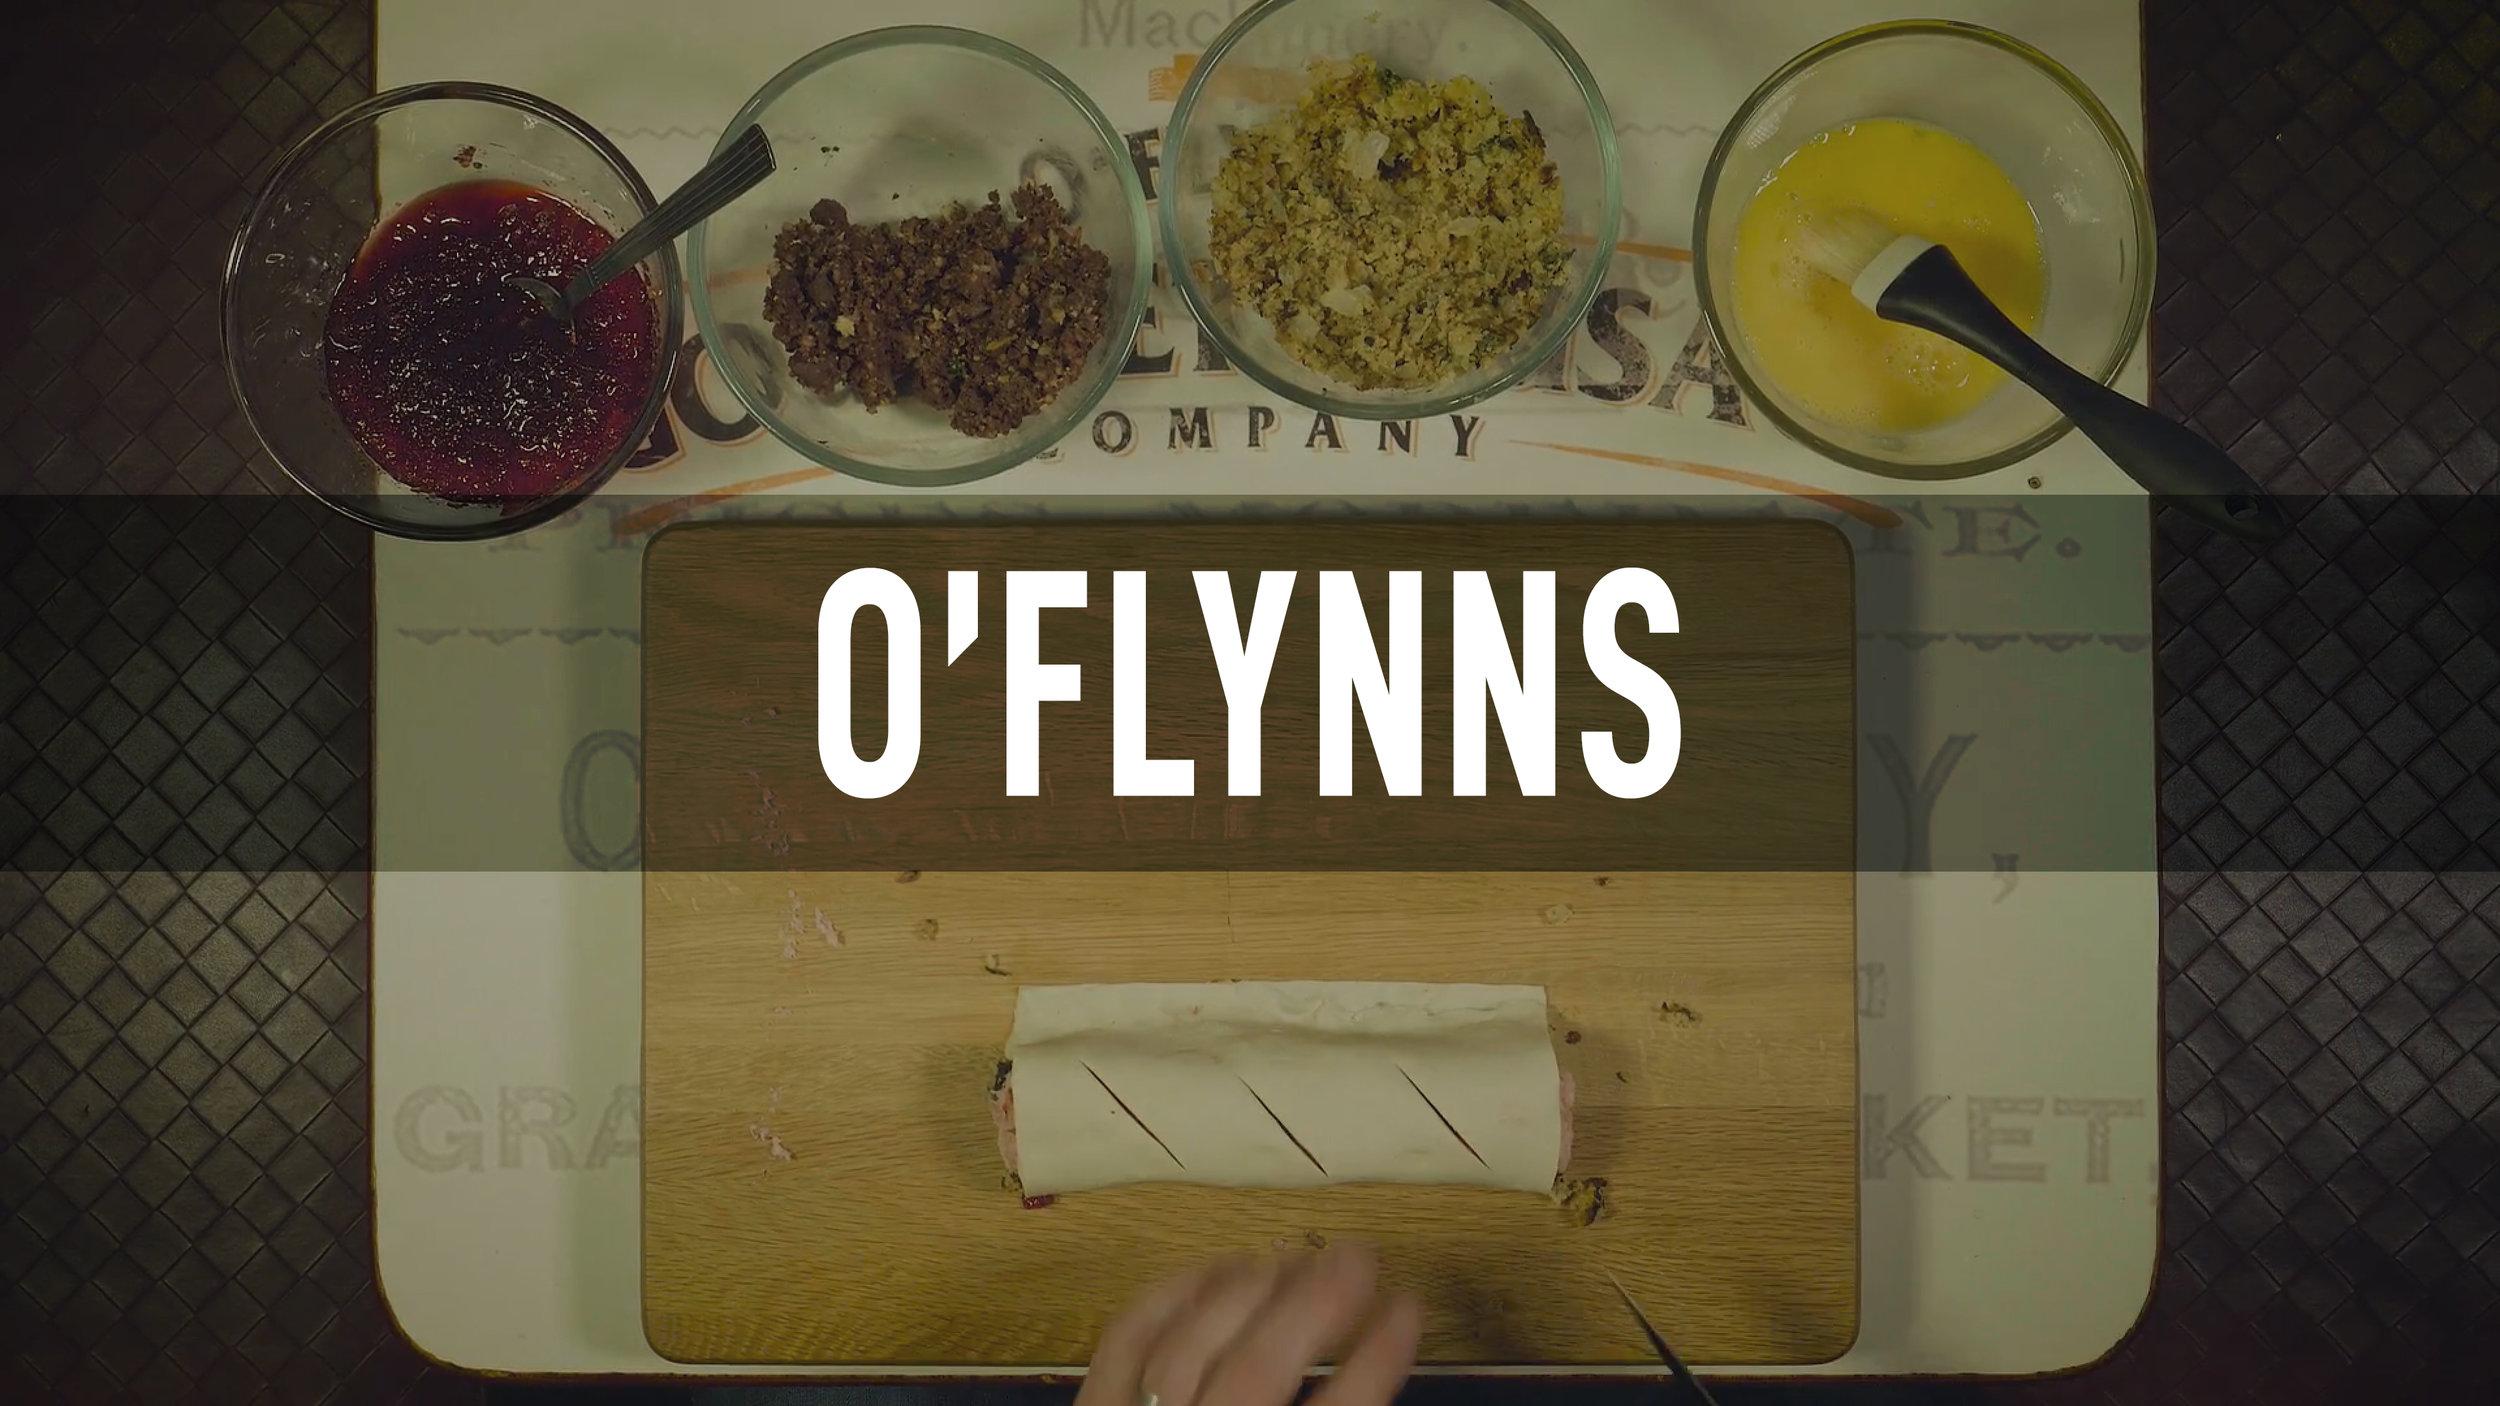 O'Flynns Recipe Videos